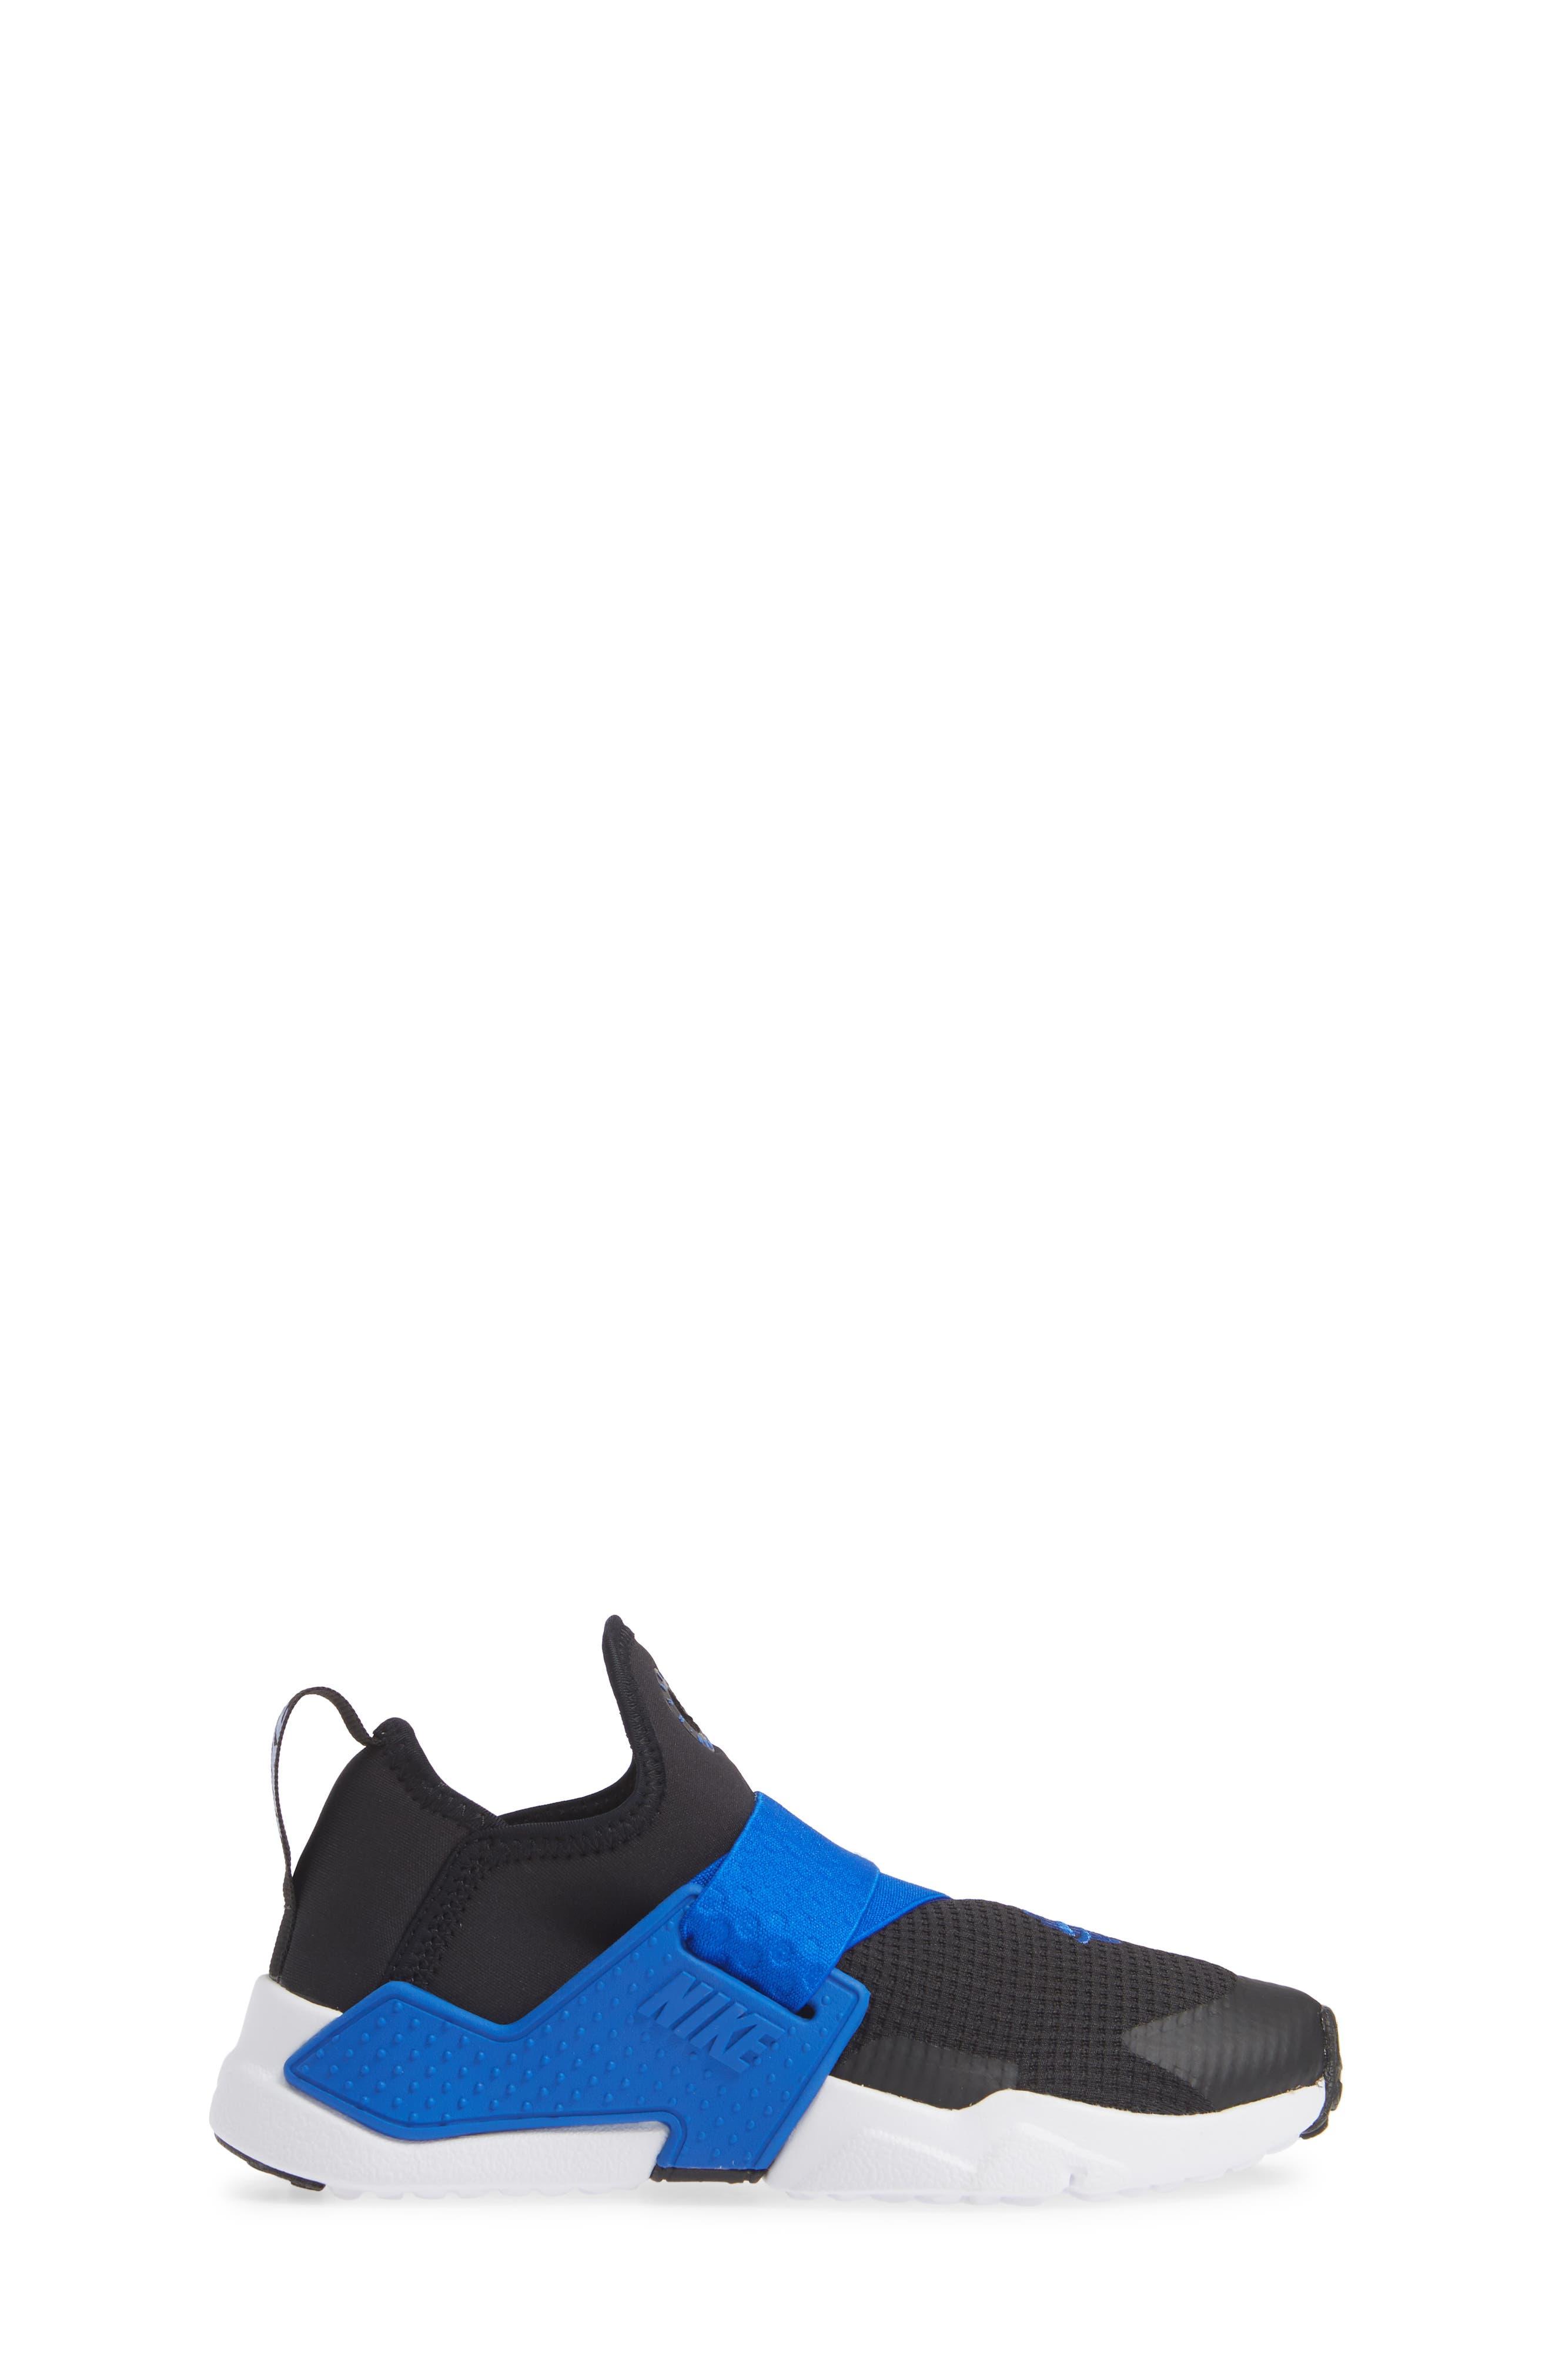 Huarache Extreme Sneaker,                             Alternate thumbnail 3, color,                             BLACK/ BLUE-WHITE